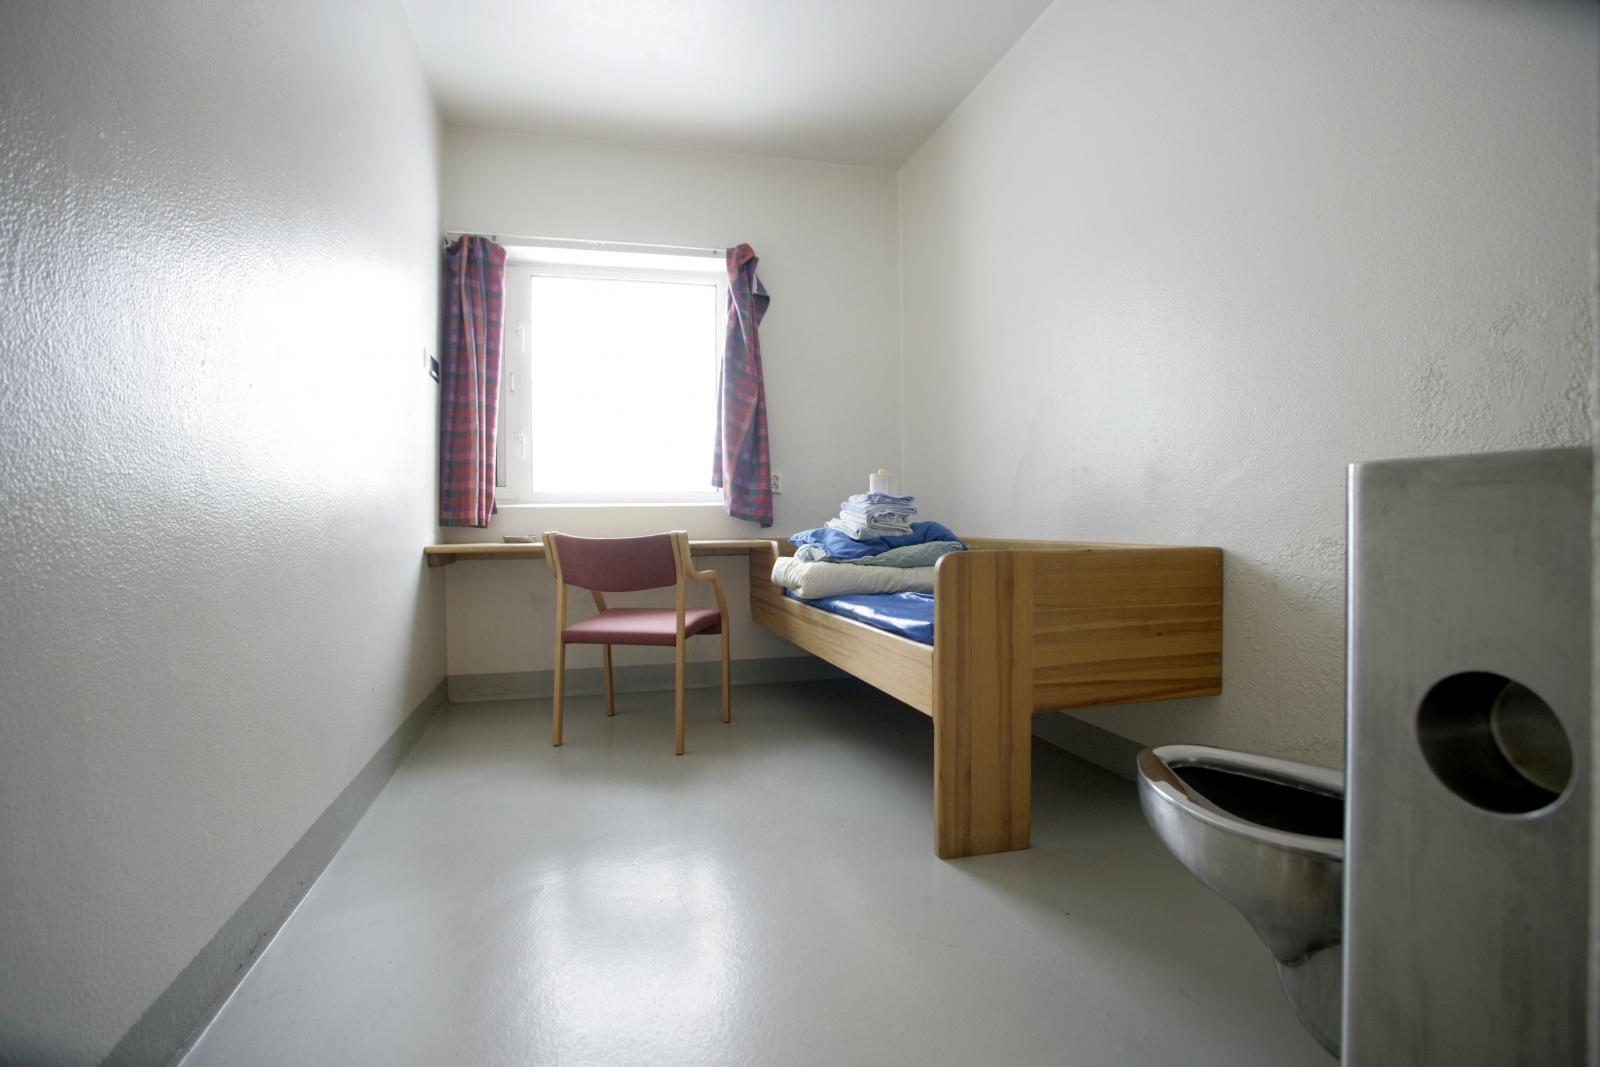 Norwegian prison cell